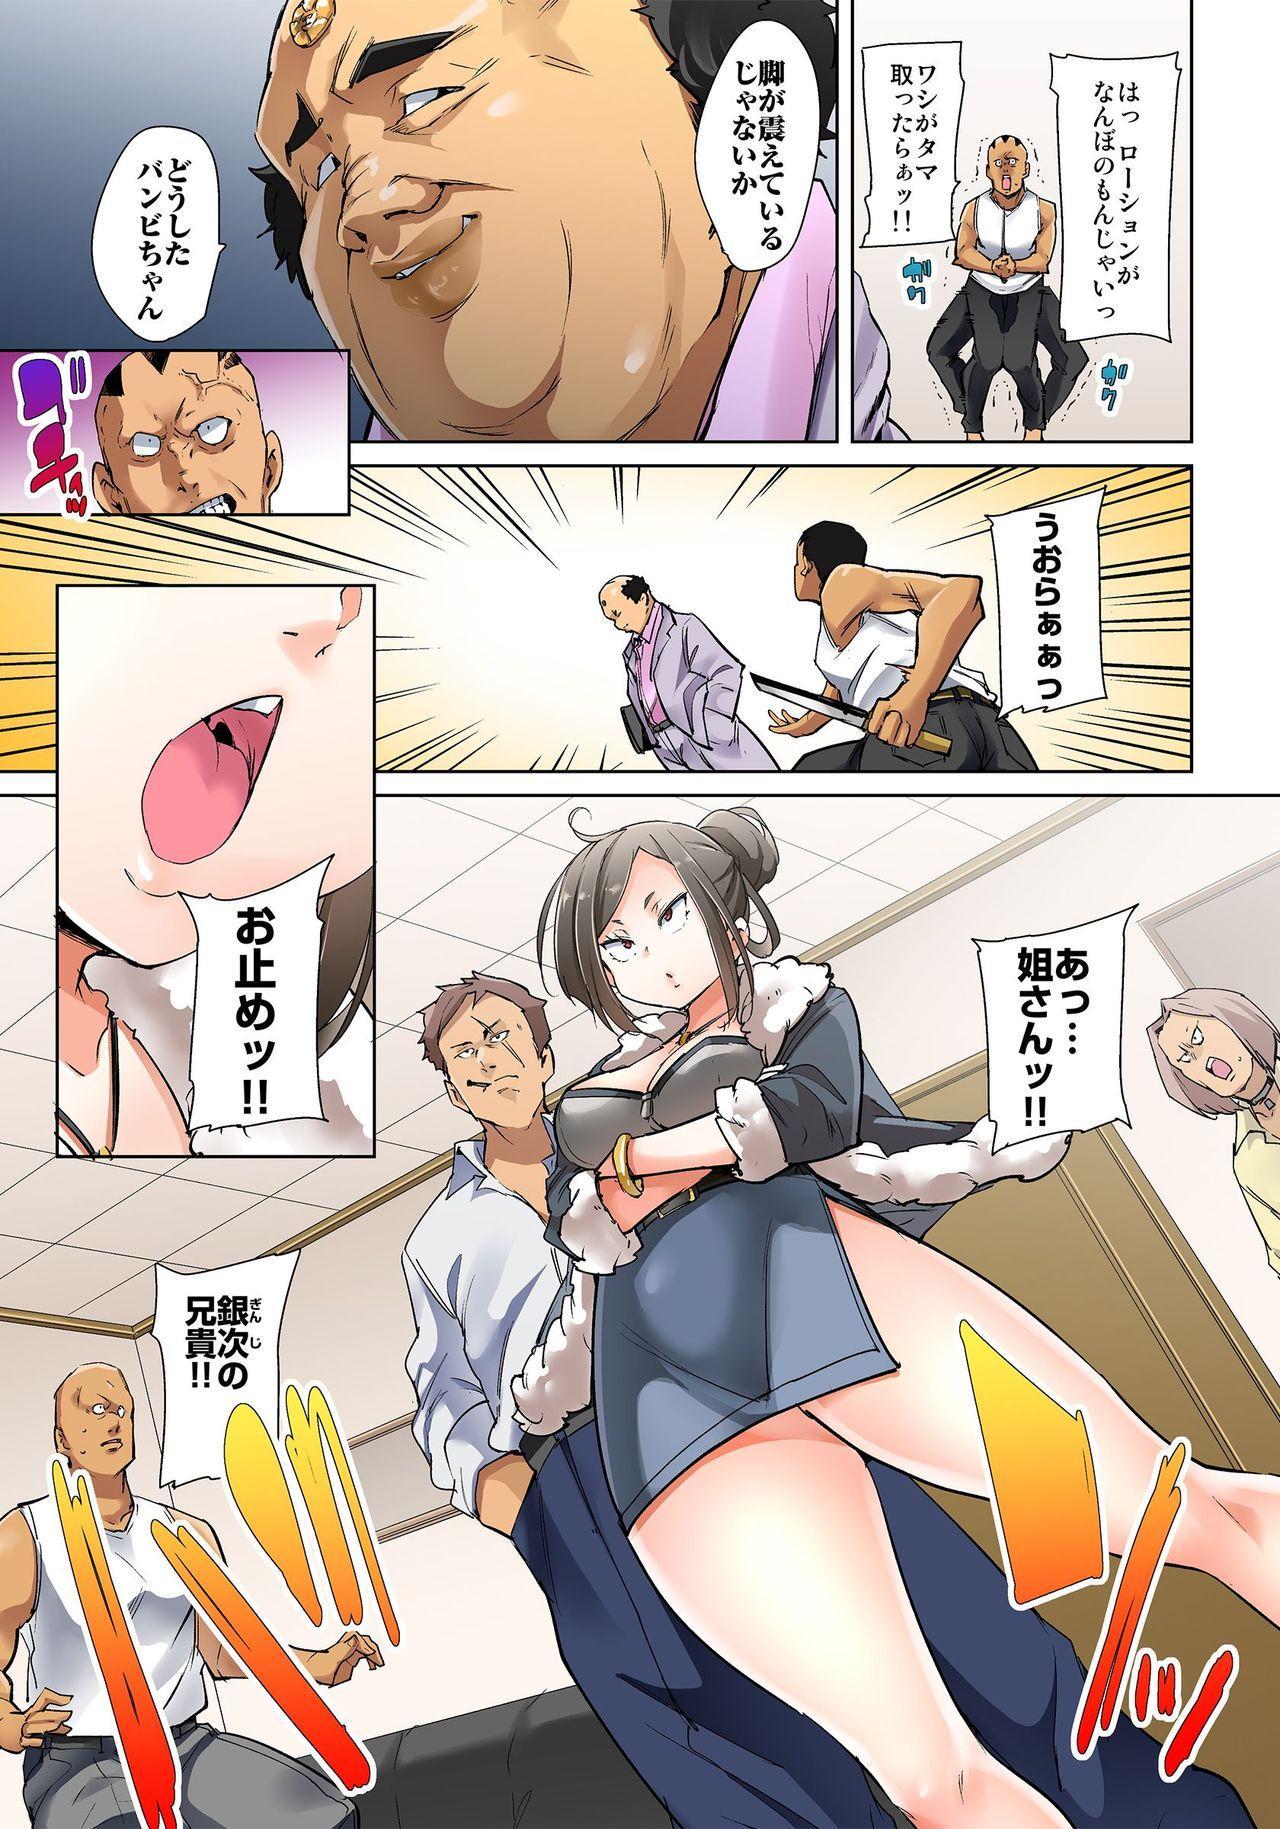 [Marui Maru] Hattara Yarechau!? Ero Seal ~Wagamama JK no Asoko o Tatta 1-mai de Dorei ni~ 1-15 [Digital] 368